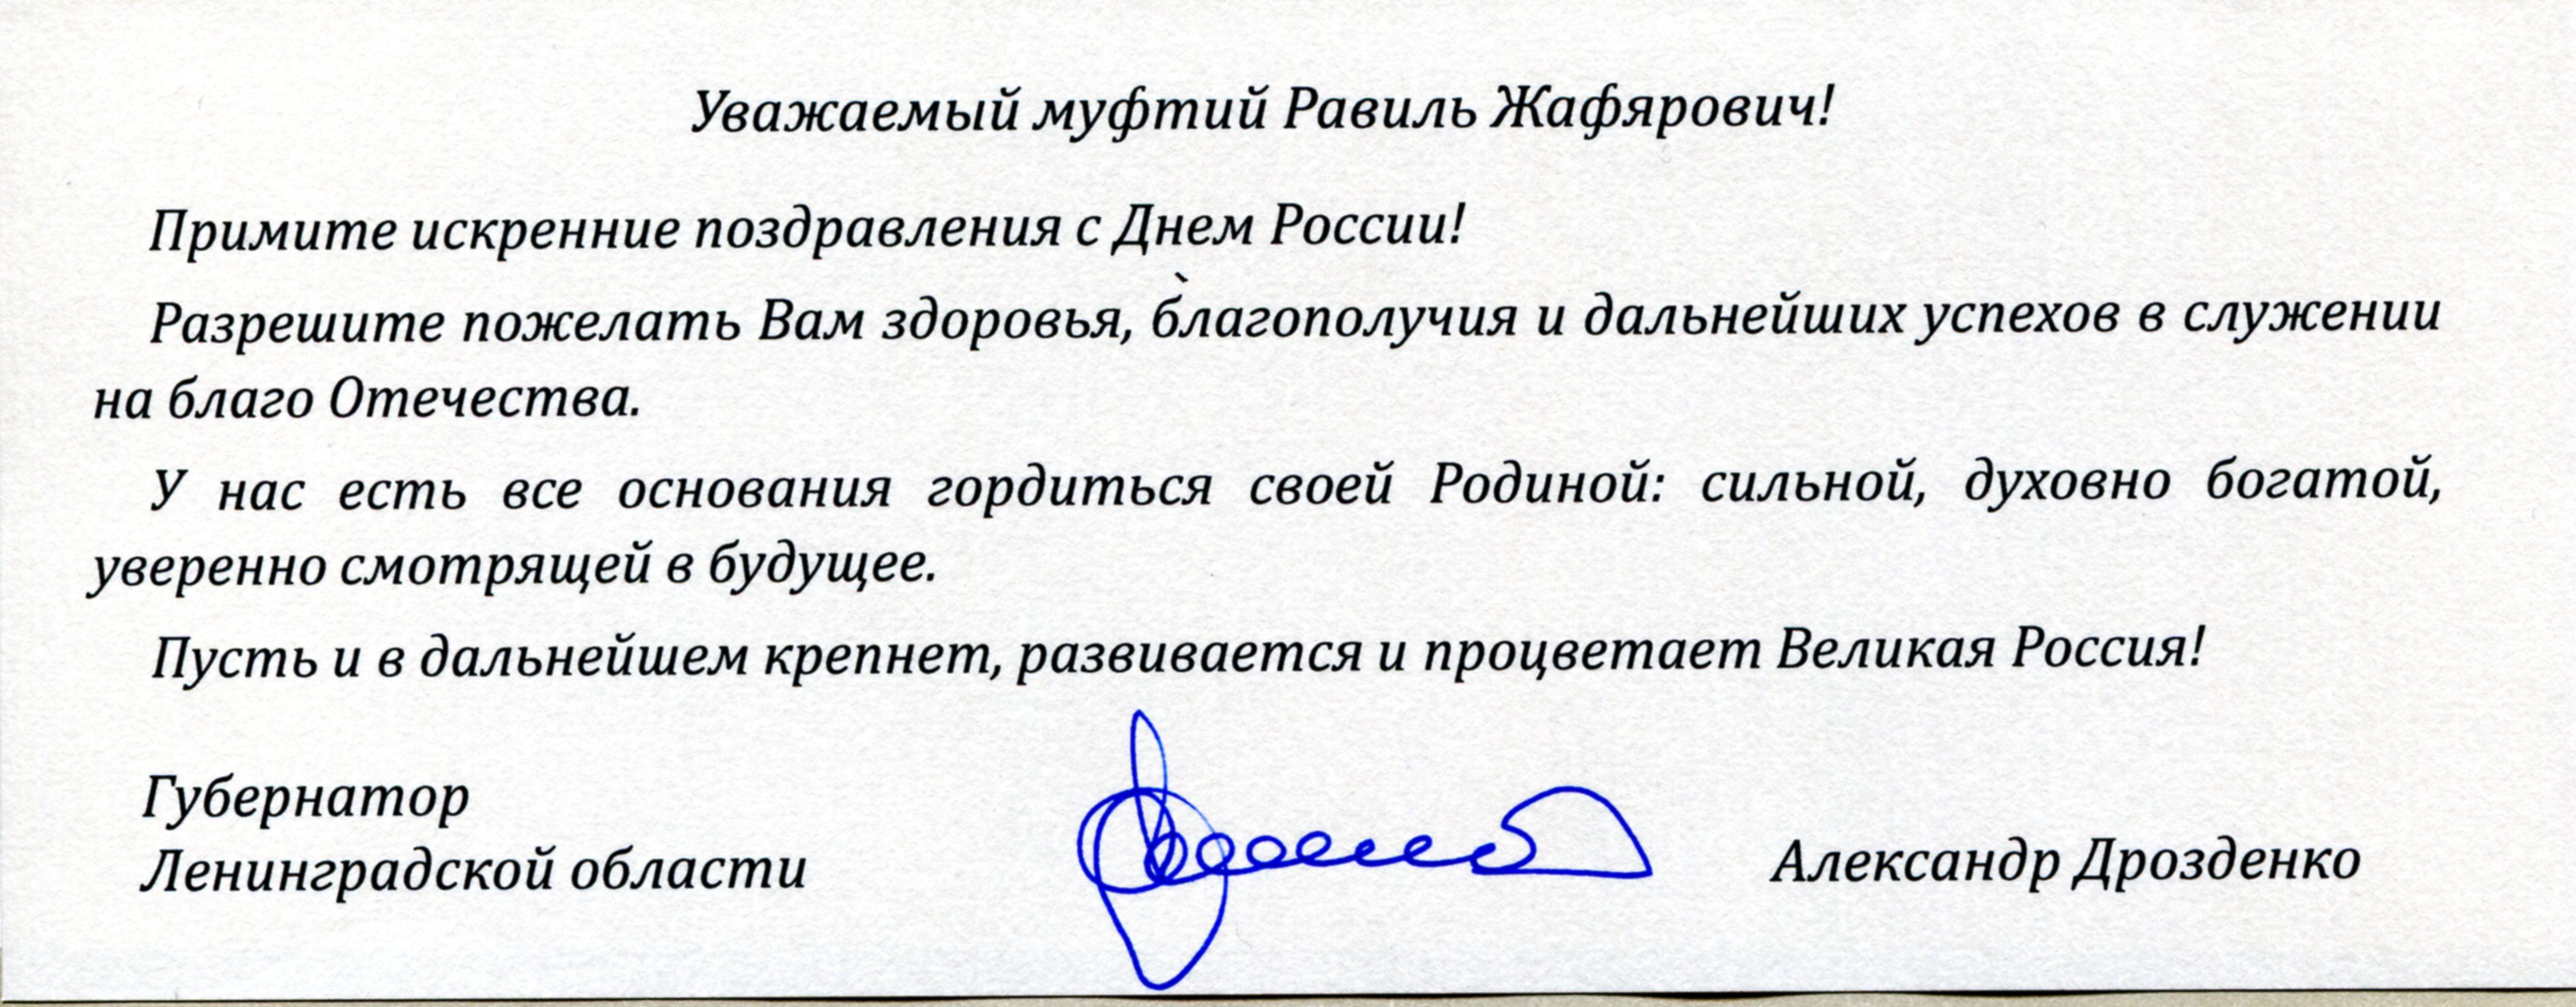 Поздравления с днем независимости россии губернатора